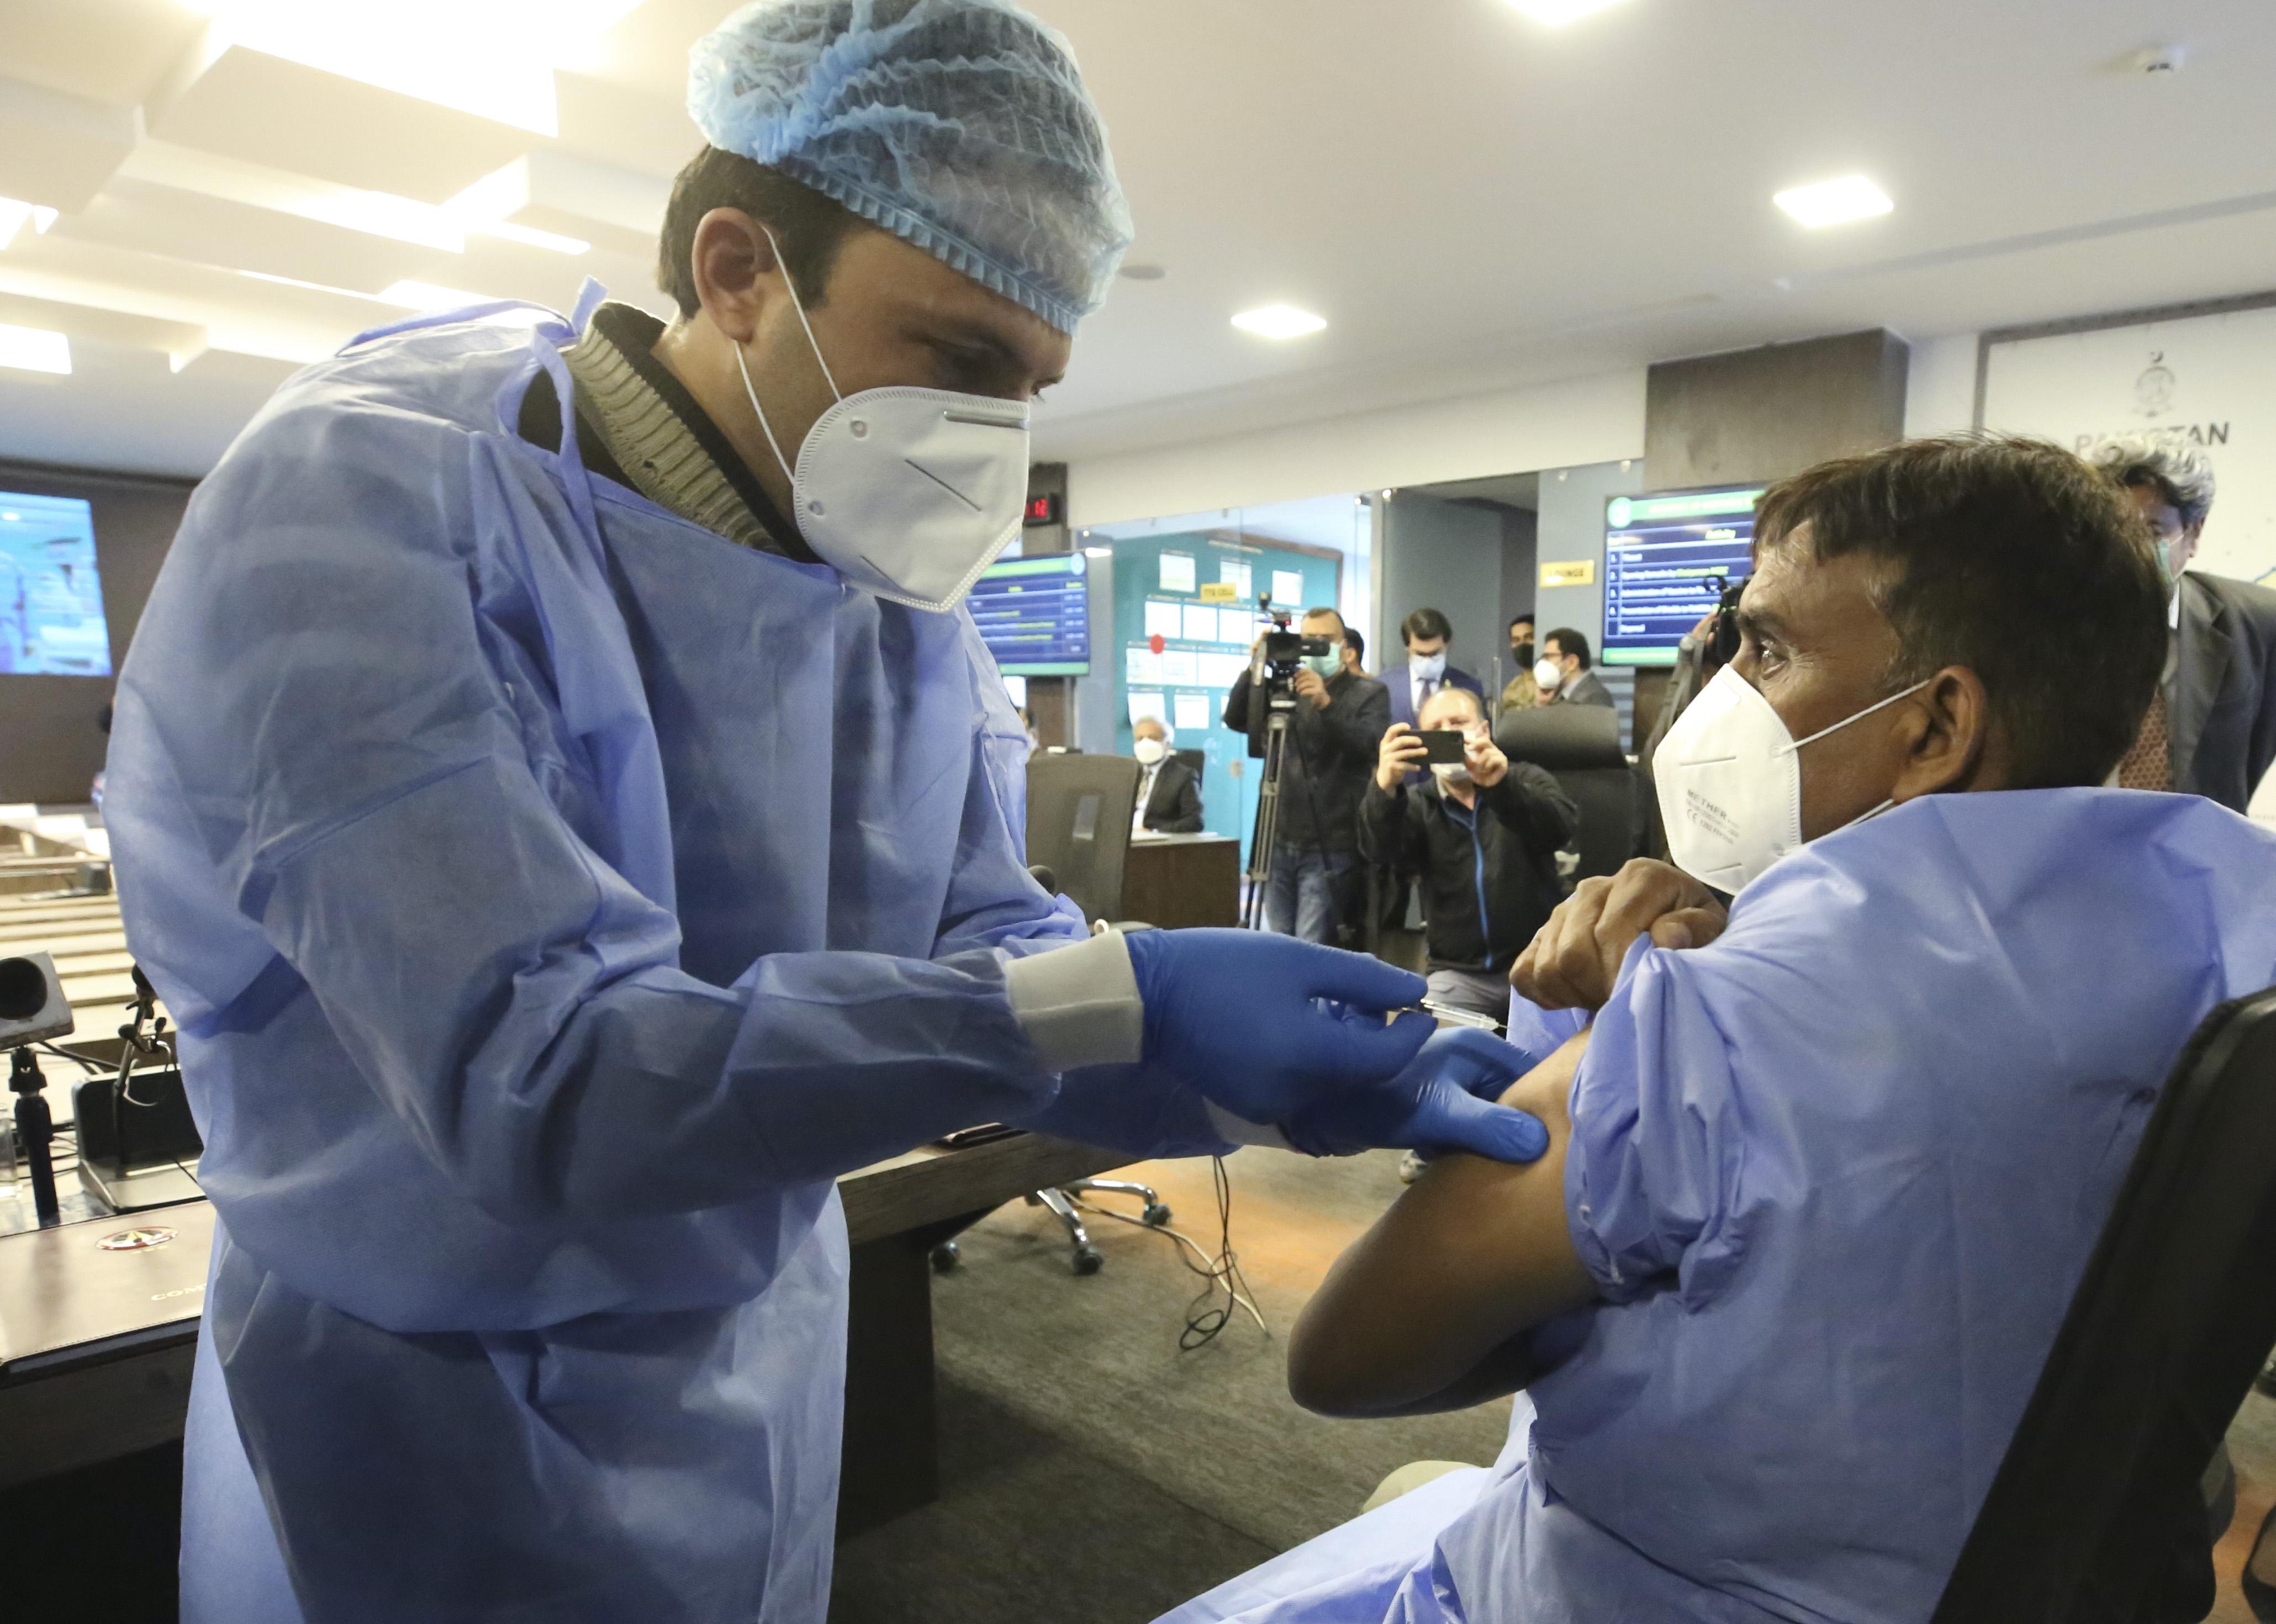 巴基斯坦正式开始为医务人员接种新冠疫苗